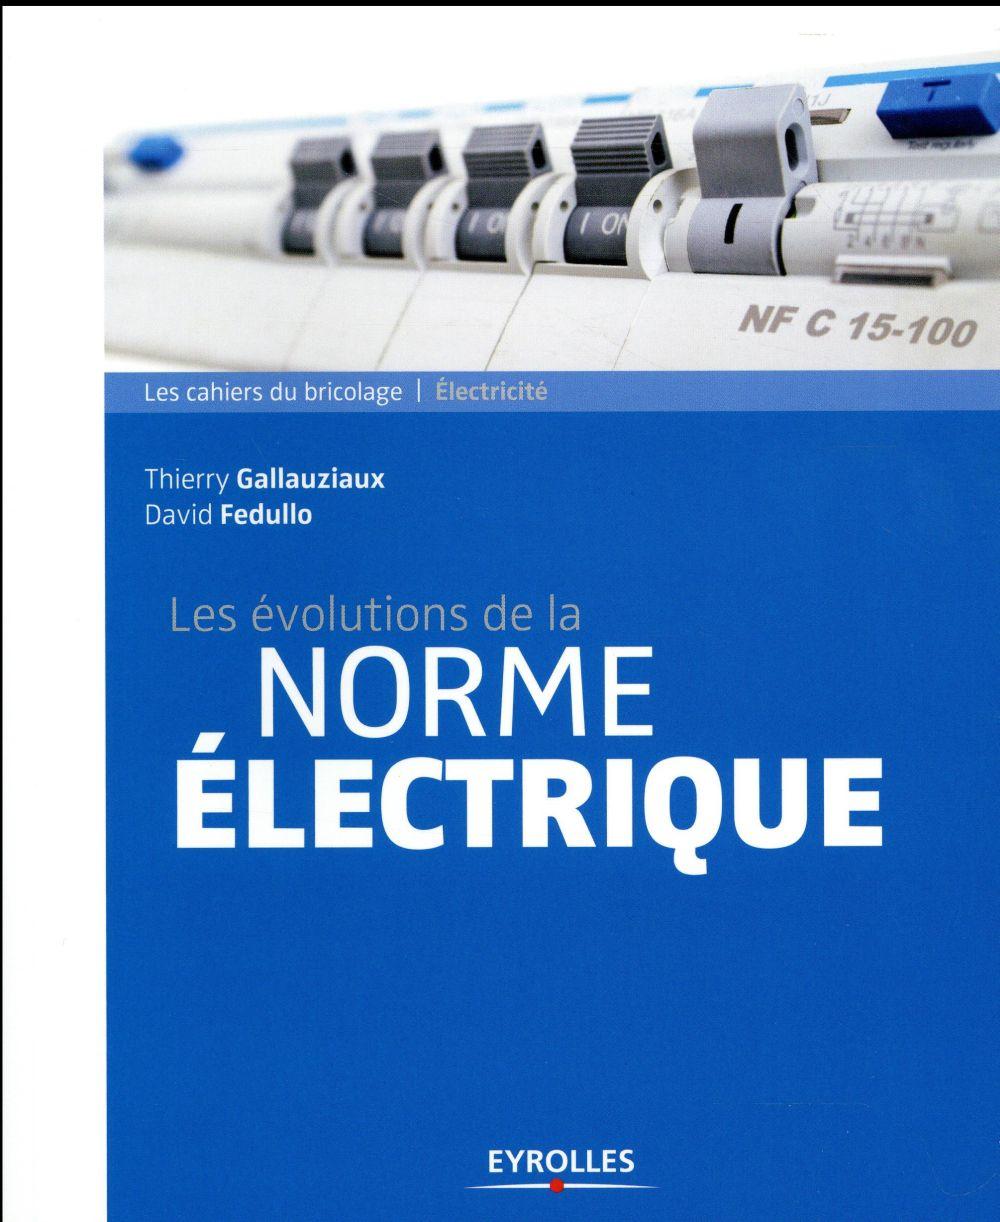 LES EVOLUTIONS DE LA NORME ELECTRIQUE GALLAUZIAUX / FEDULLO Eyrolles